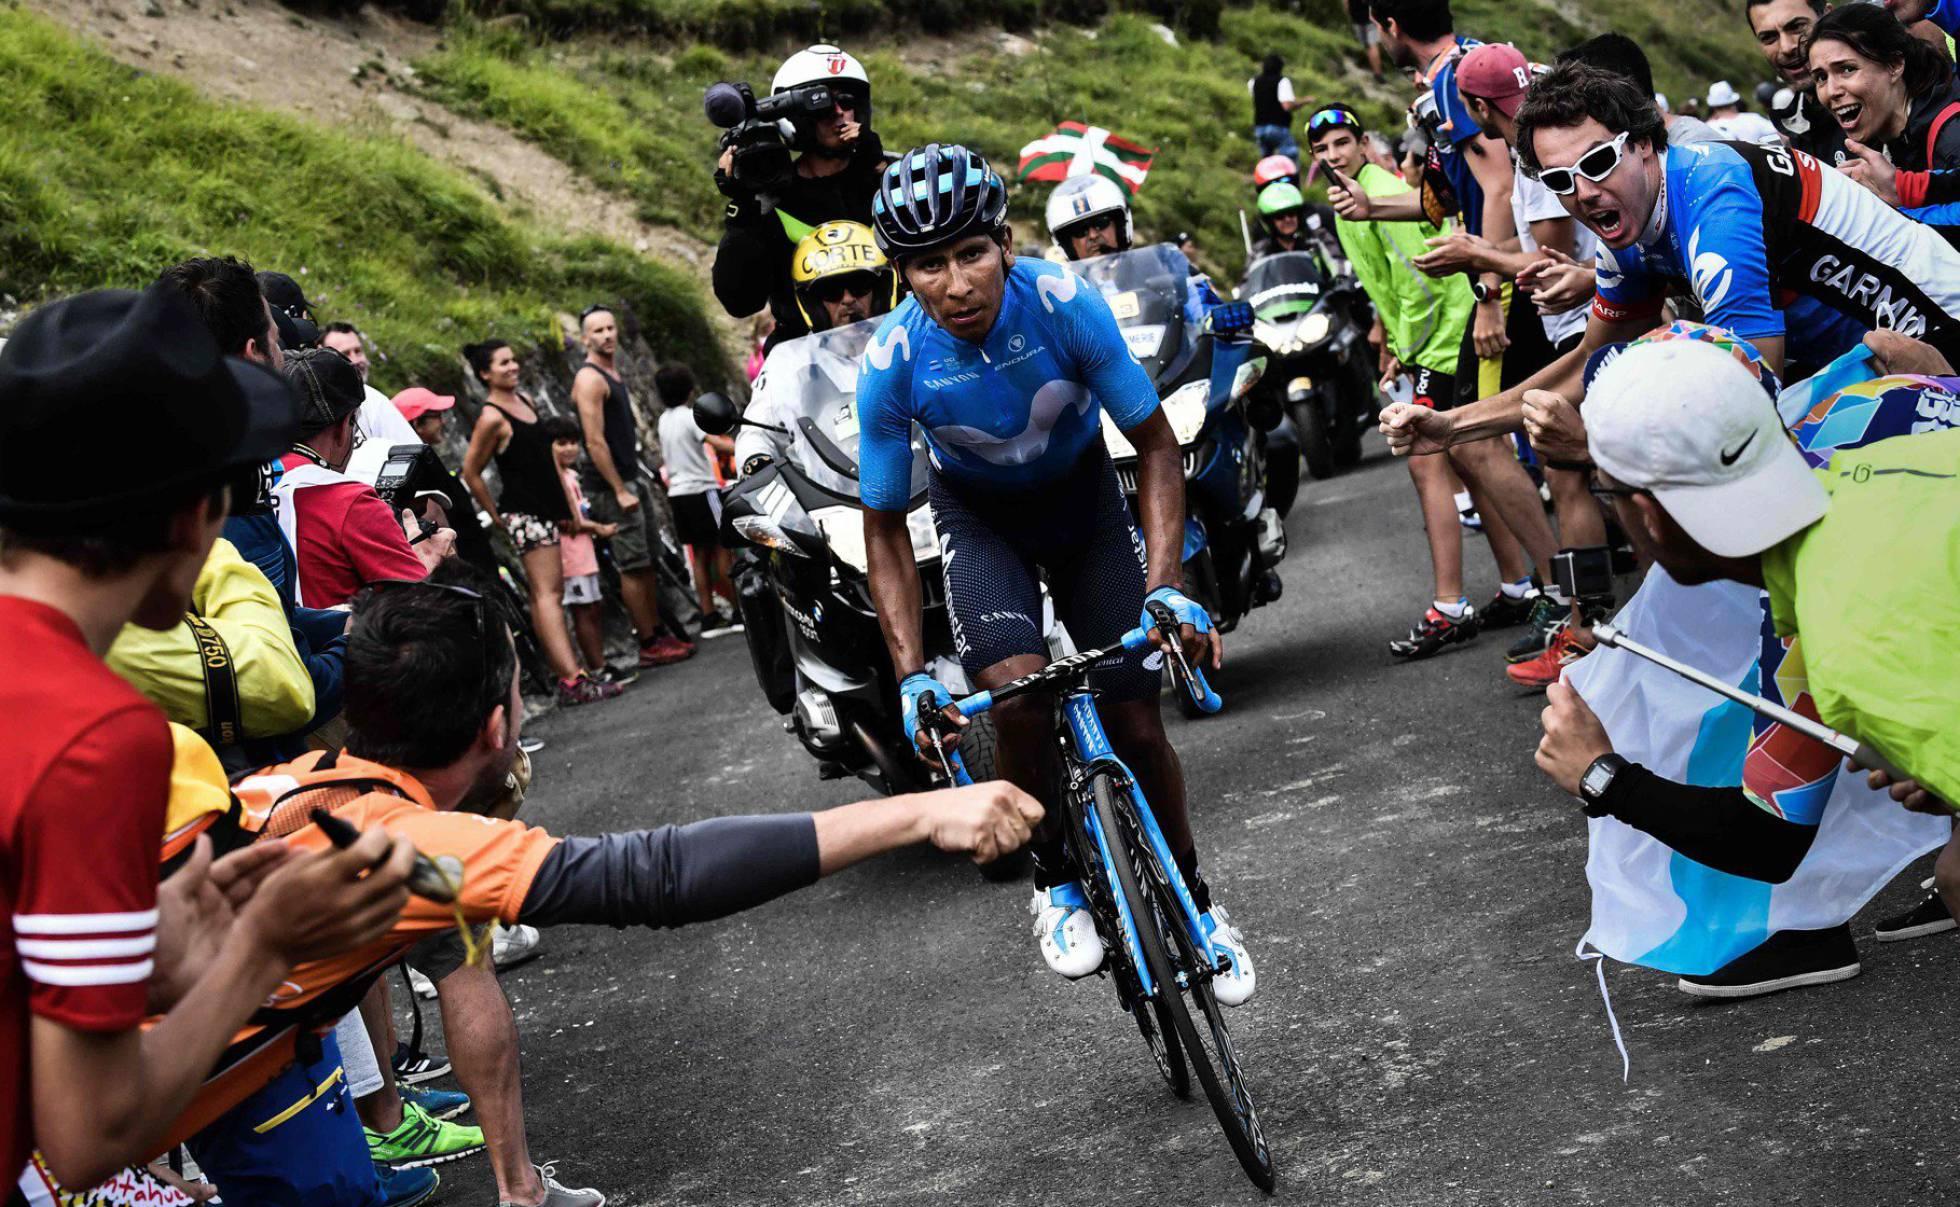 Ruge Nairo Quintana en el puerto más duro del Tour